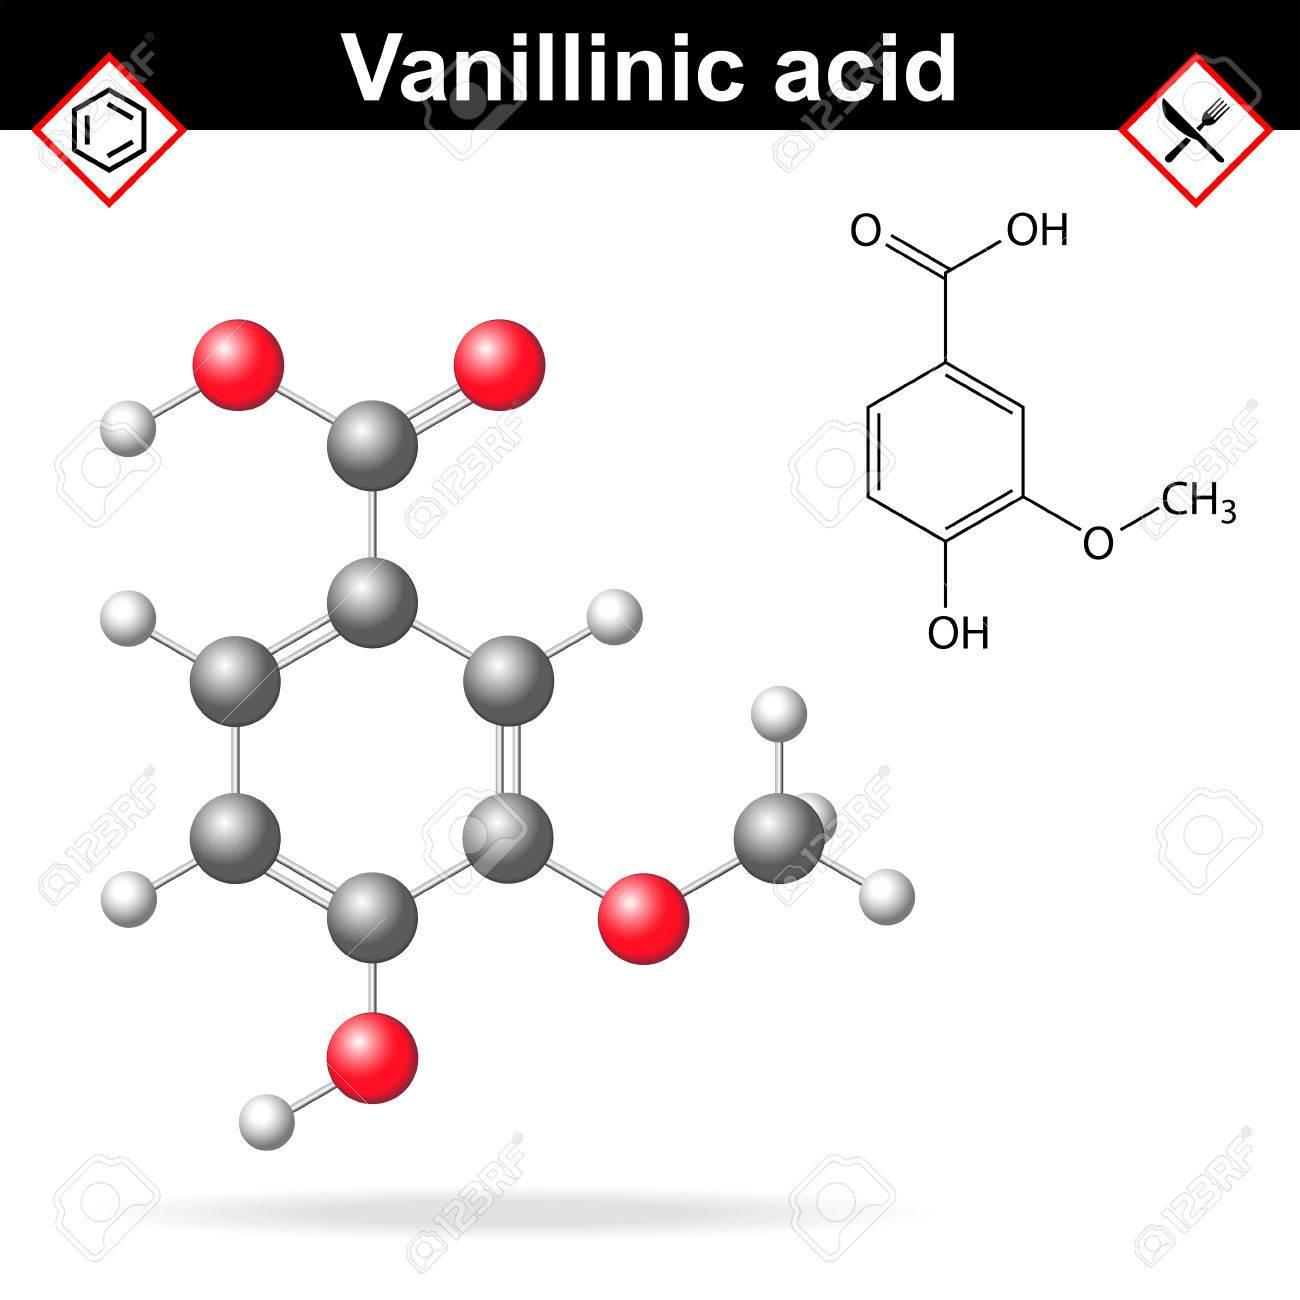 Vanillic Molécula De ácido Agente Fórmula Química Y La Estructura Molecular 2d Y 3d Ilustración Aislado Sobre Fondo Blanco Aromatizantes